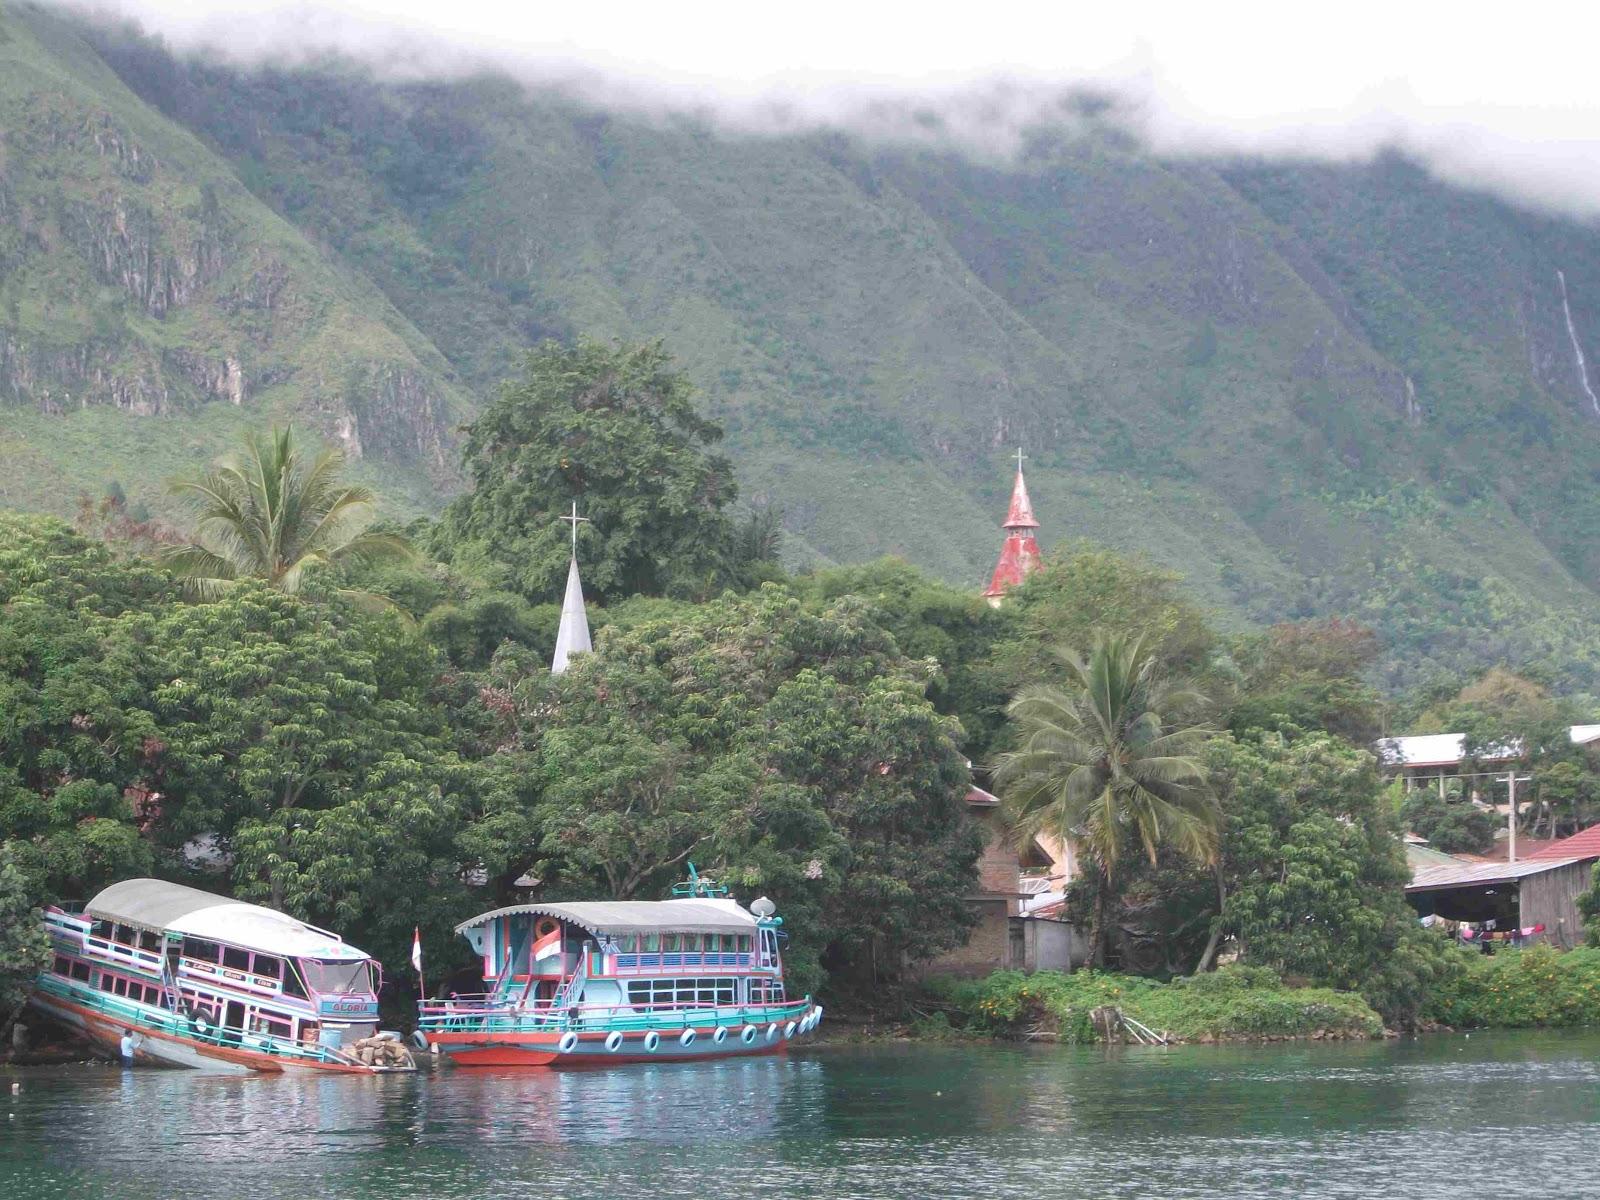 Lake Toba and Samosir island - ComplexMania